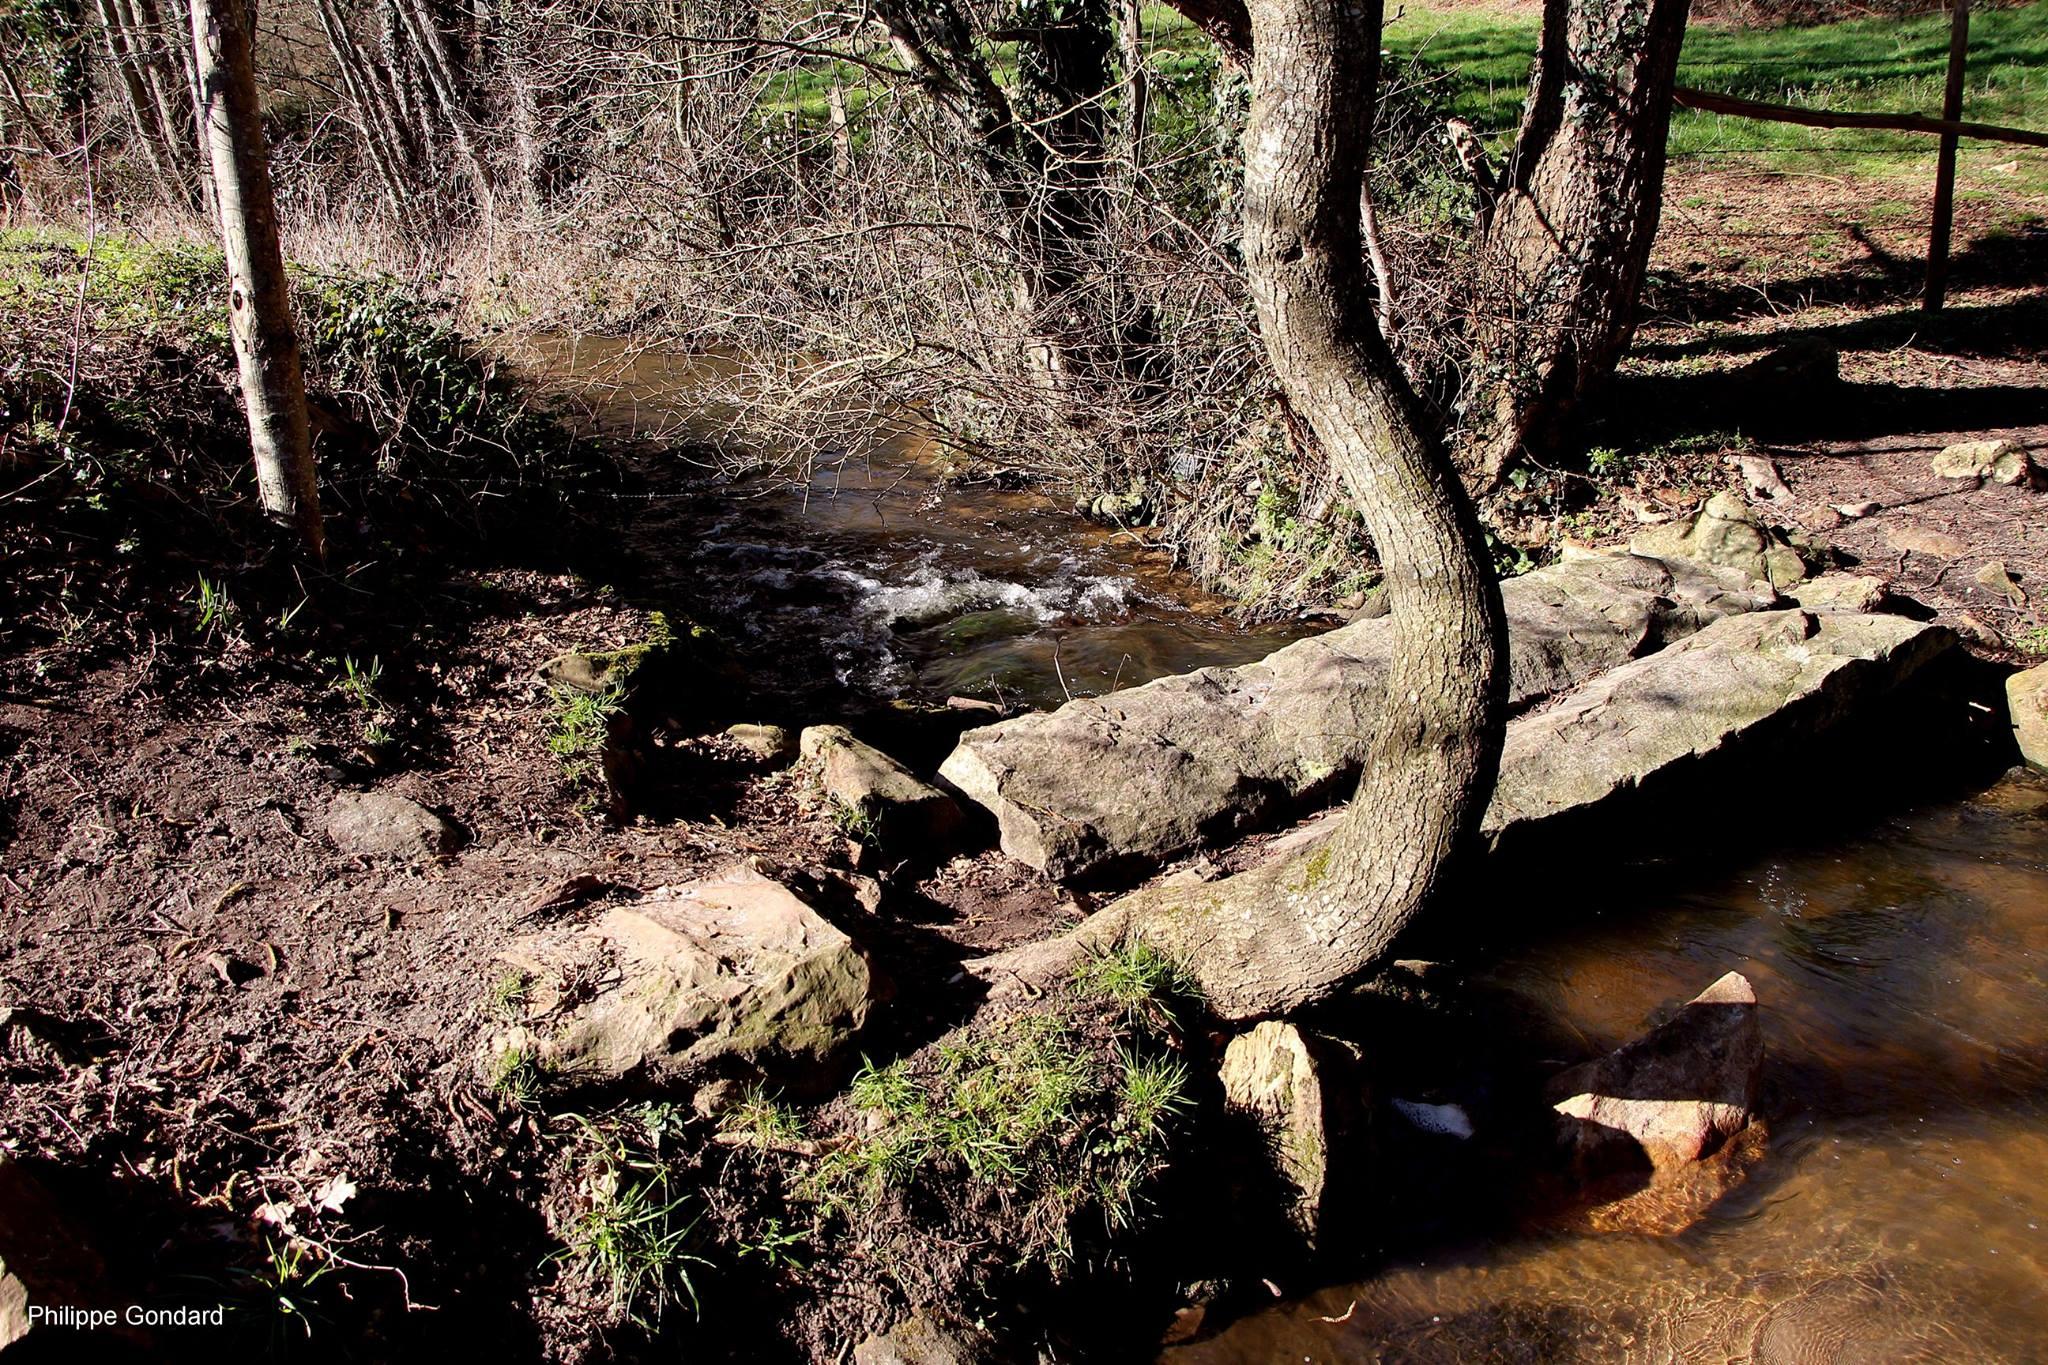 Volnay - Un pont de pierre sur la Hune - C'est un témoignage d'une technique très ancienne (Philippe Gondard)